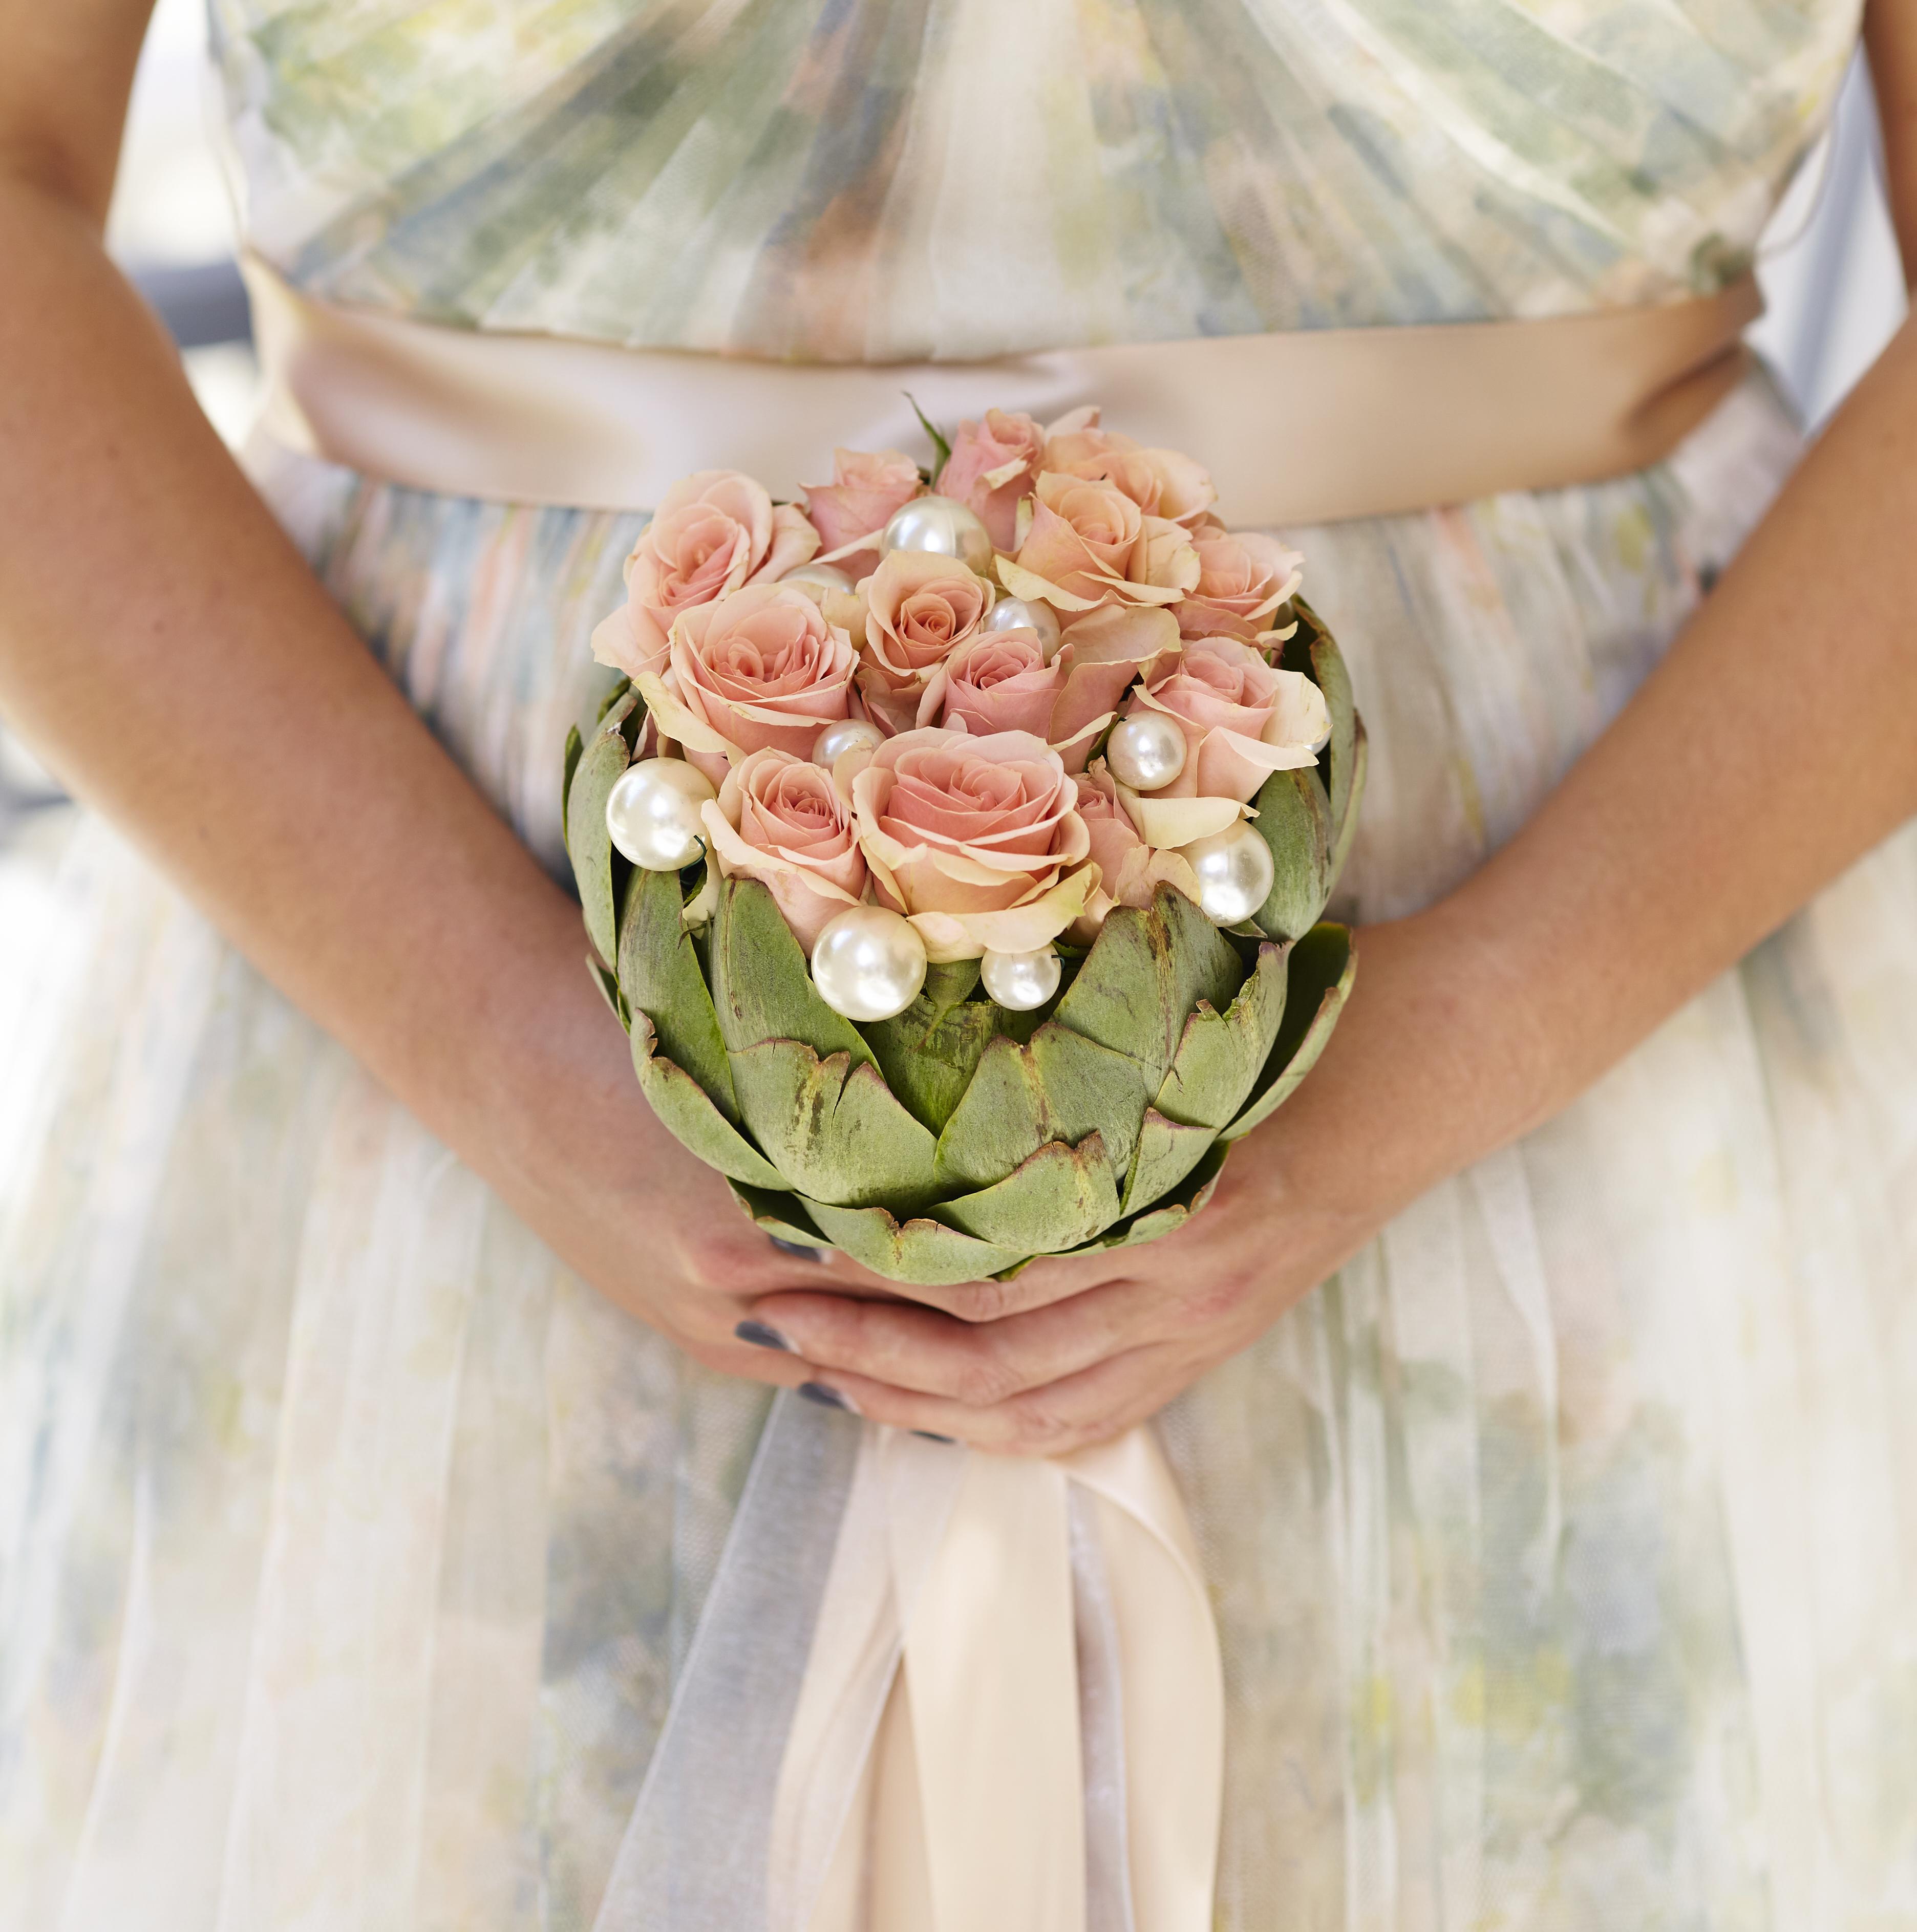 blooms design studio - florists - weddings in houston